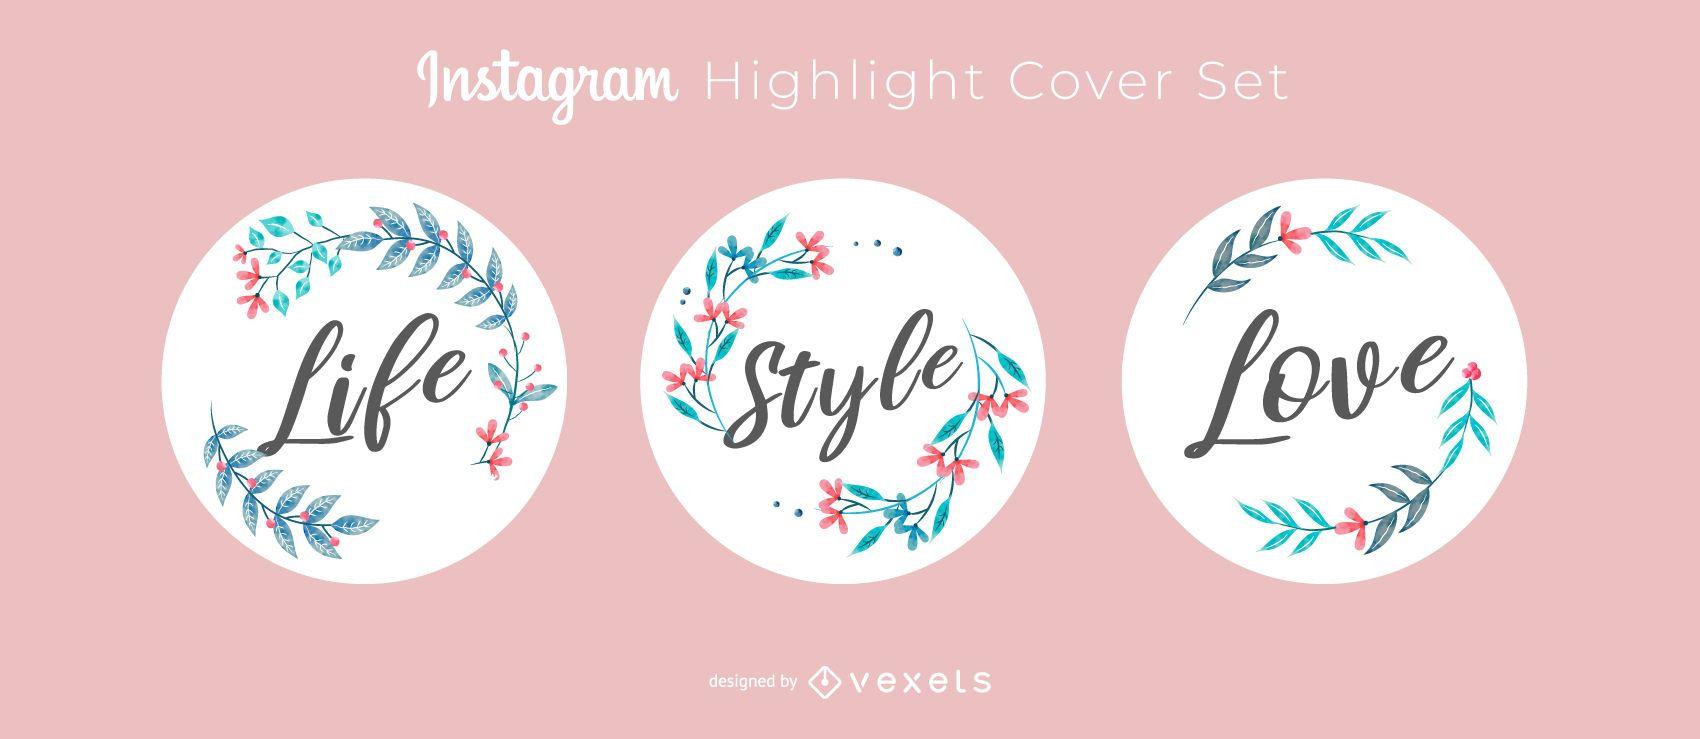 Conjunto de diseño de portada destacada de letras de Instagram